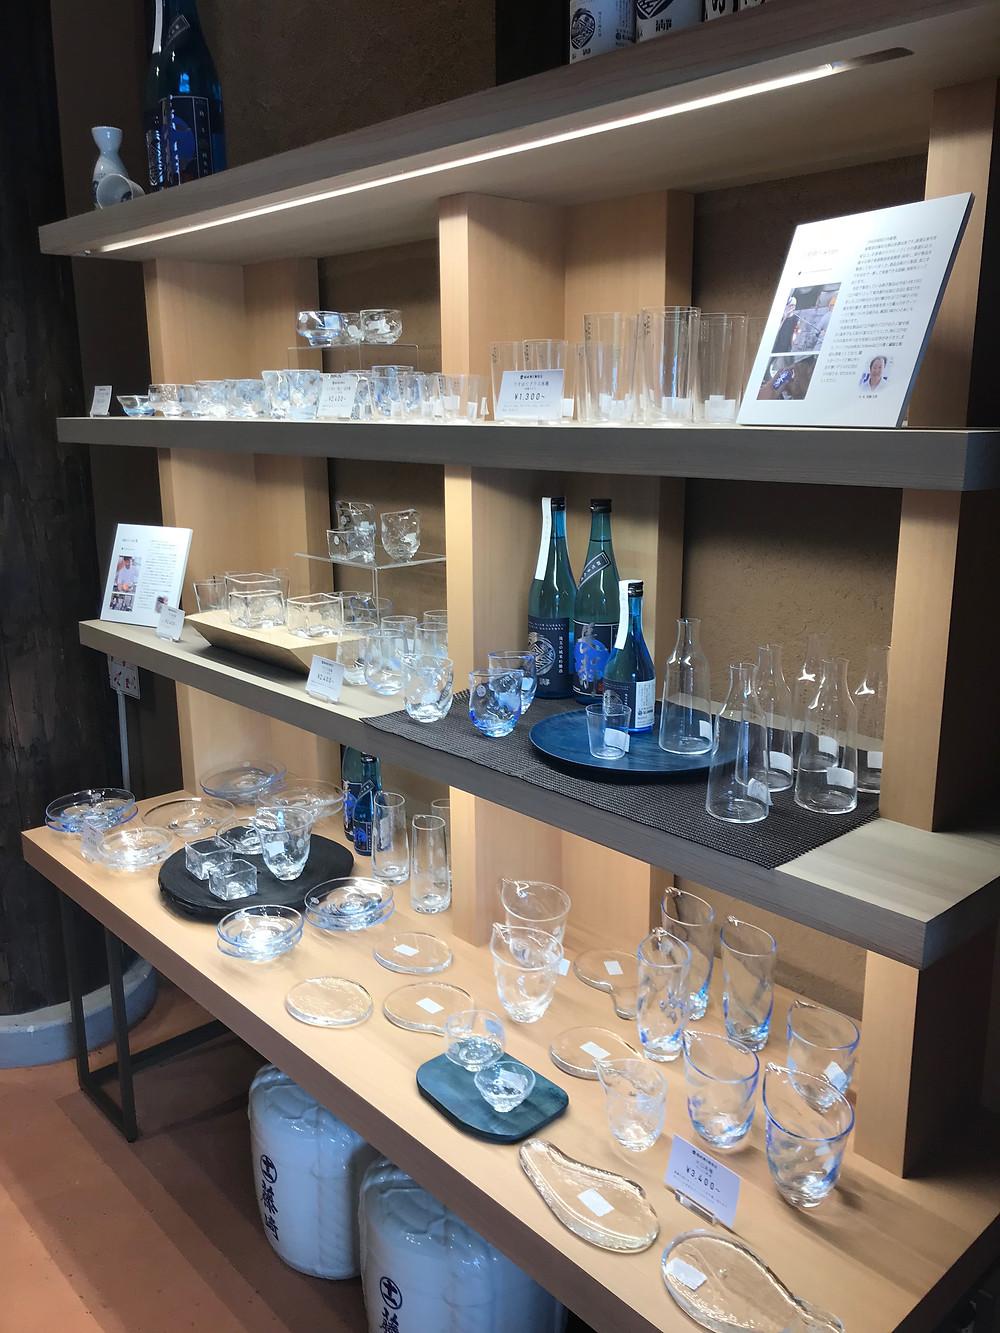 長瀞蔵 日本酒 ガラス工芸品